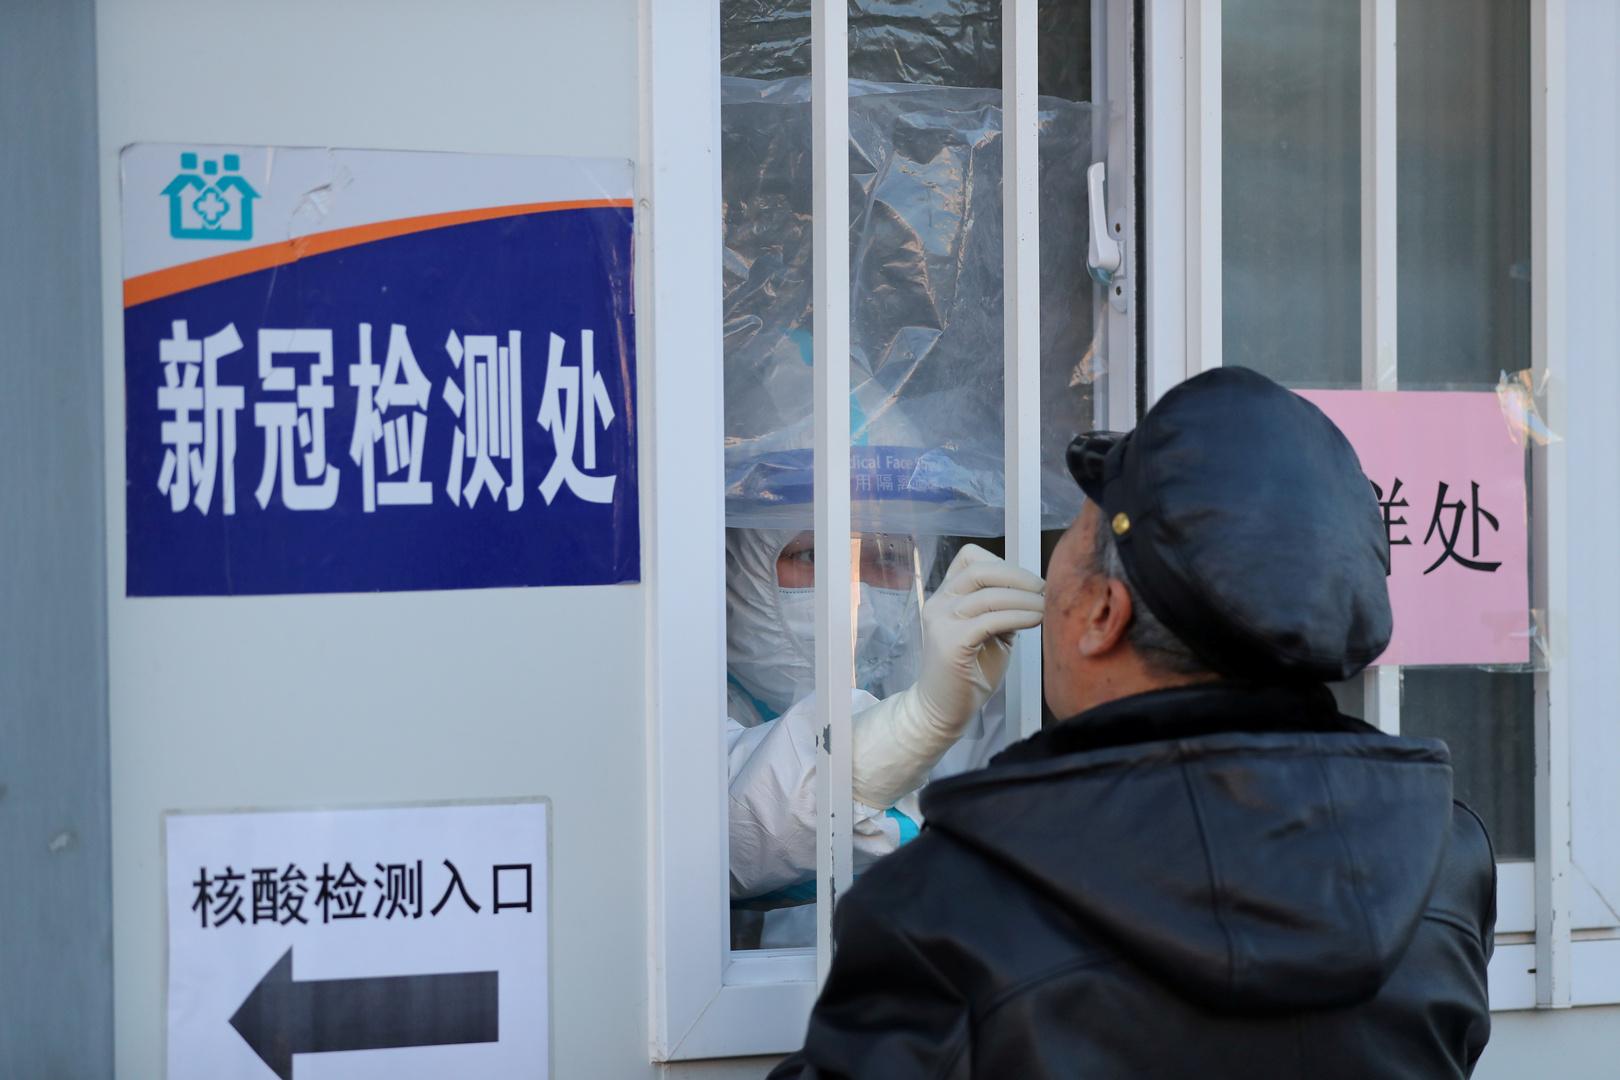 مسؤول صيني: ليس هناك ما يدعو للذعر بشأن سلالات كورونا